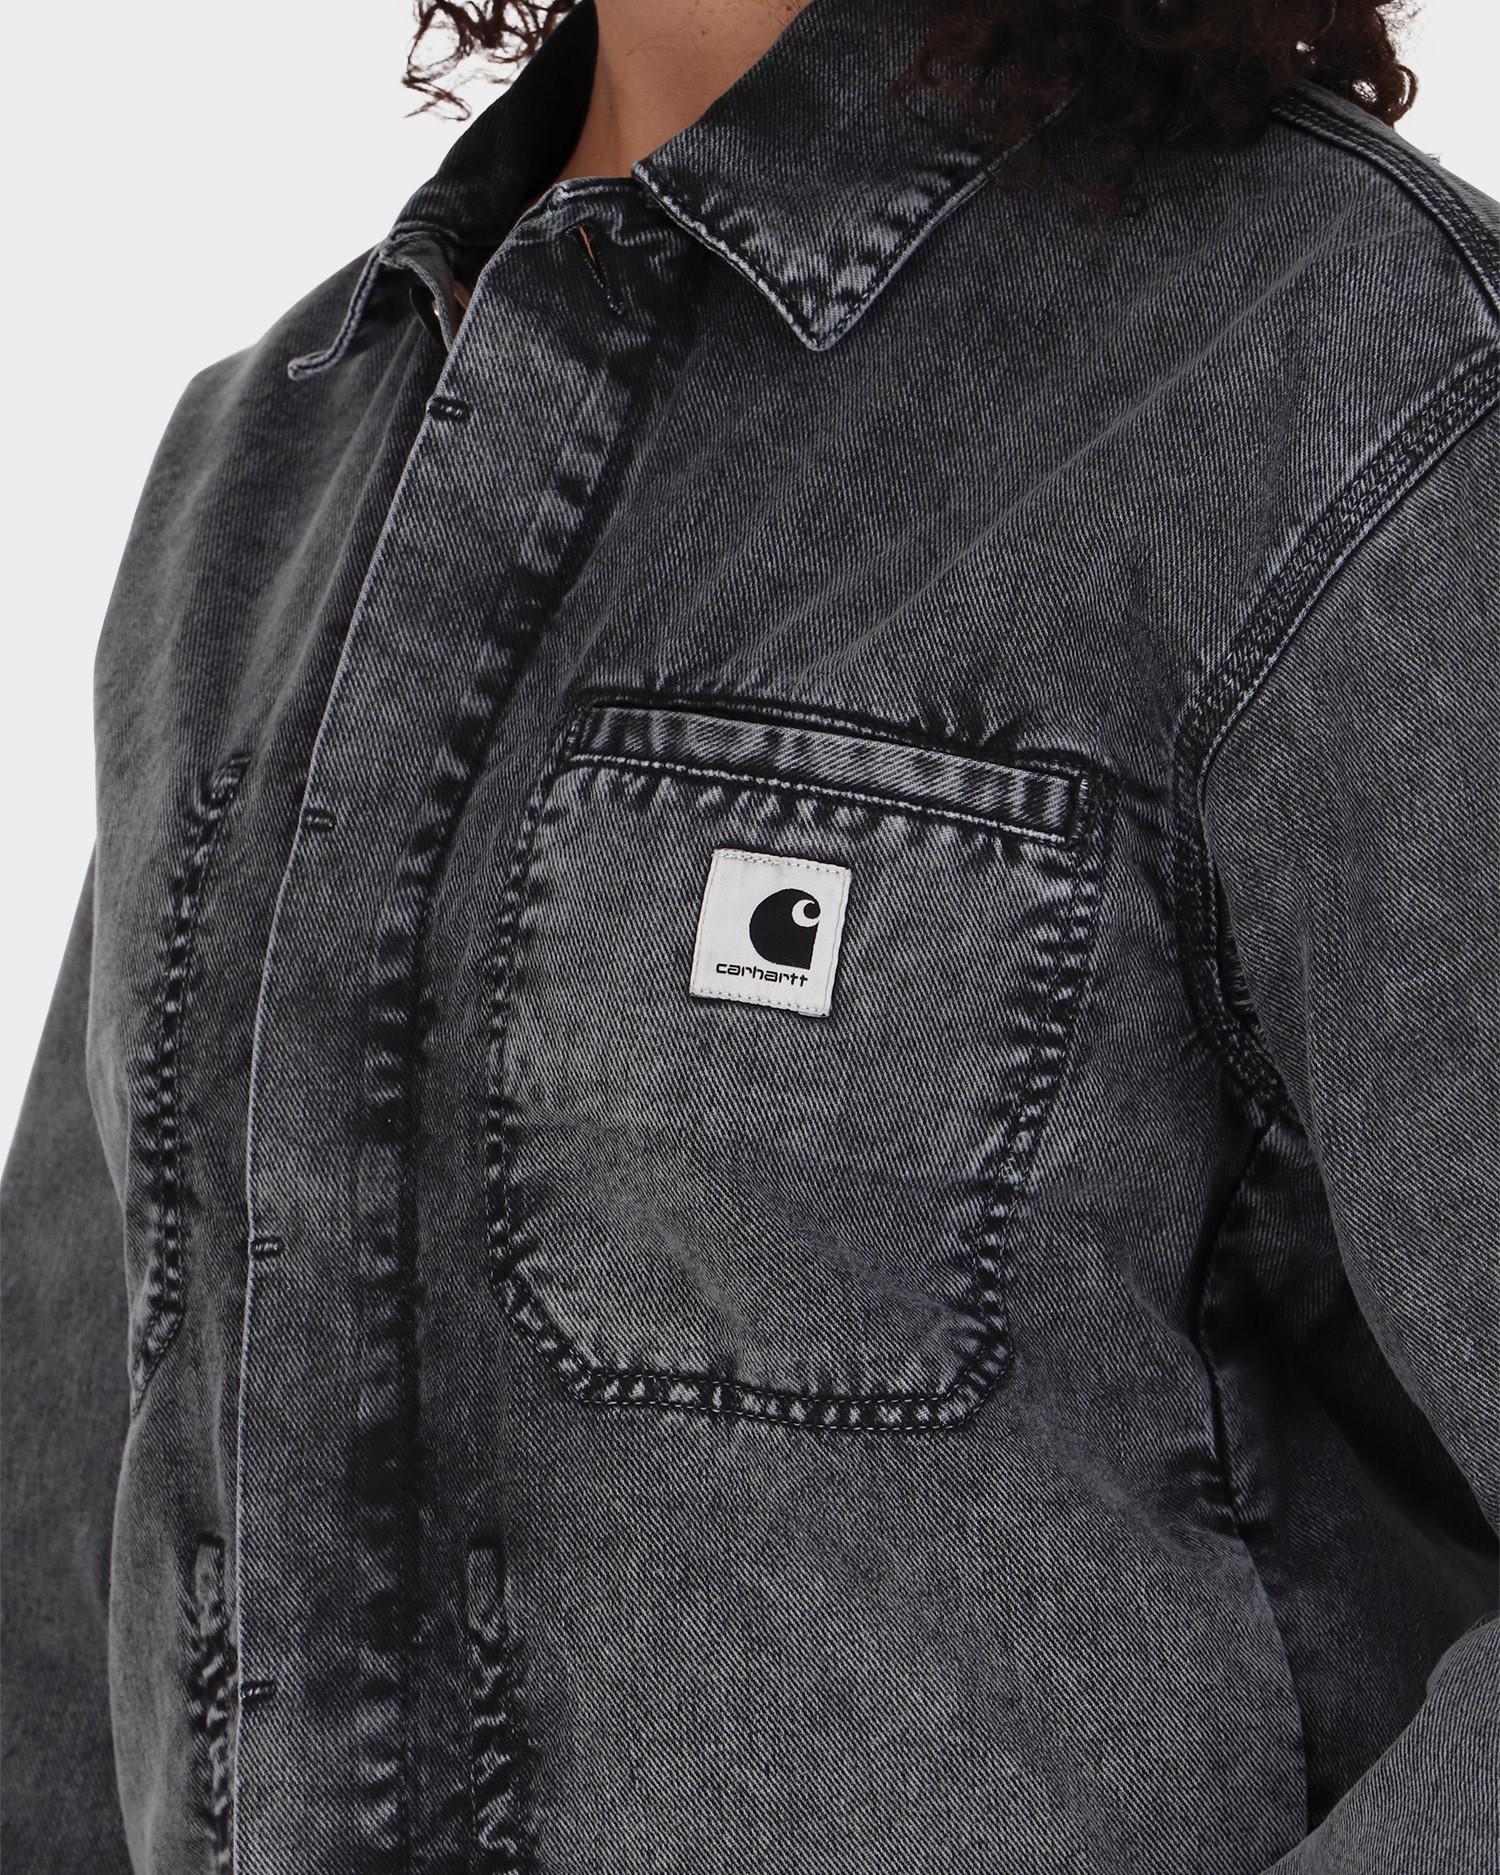 Carhartt W'Sonora Jacket Black Worn Washed